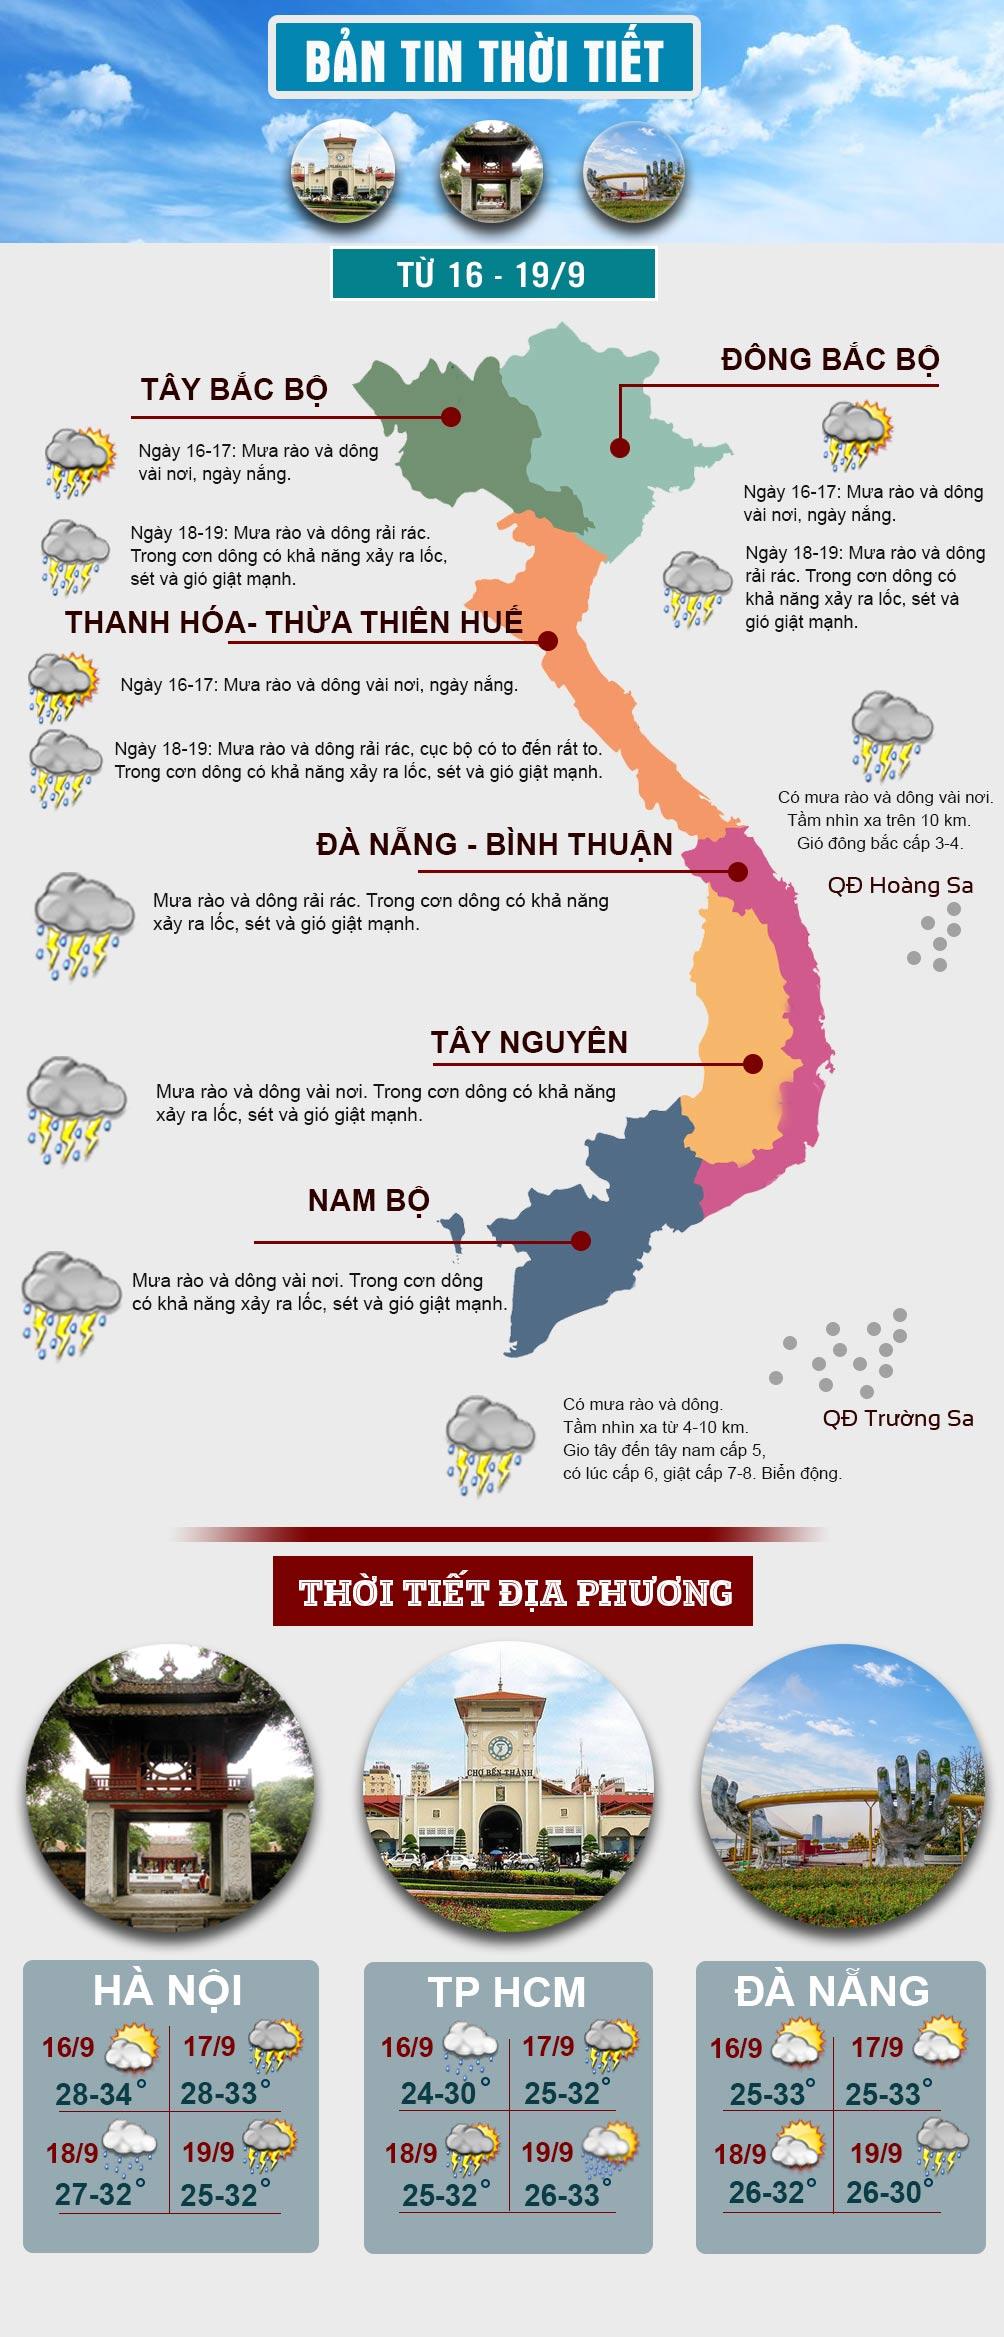 Đầu tuần, miền Bắc nắng oi, miền Nam vẫn mưa lụt - 1